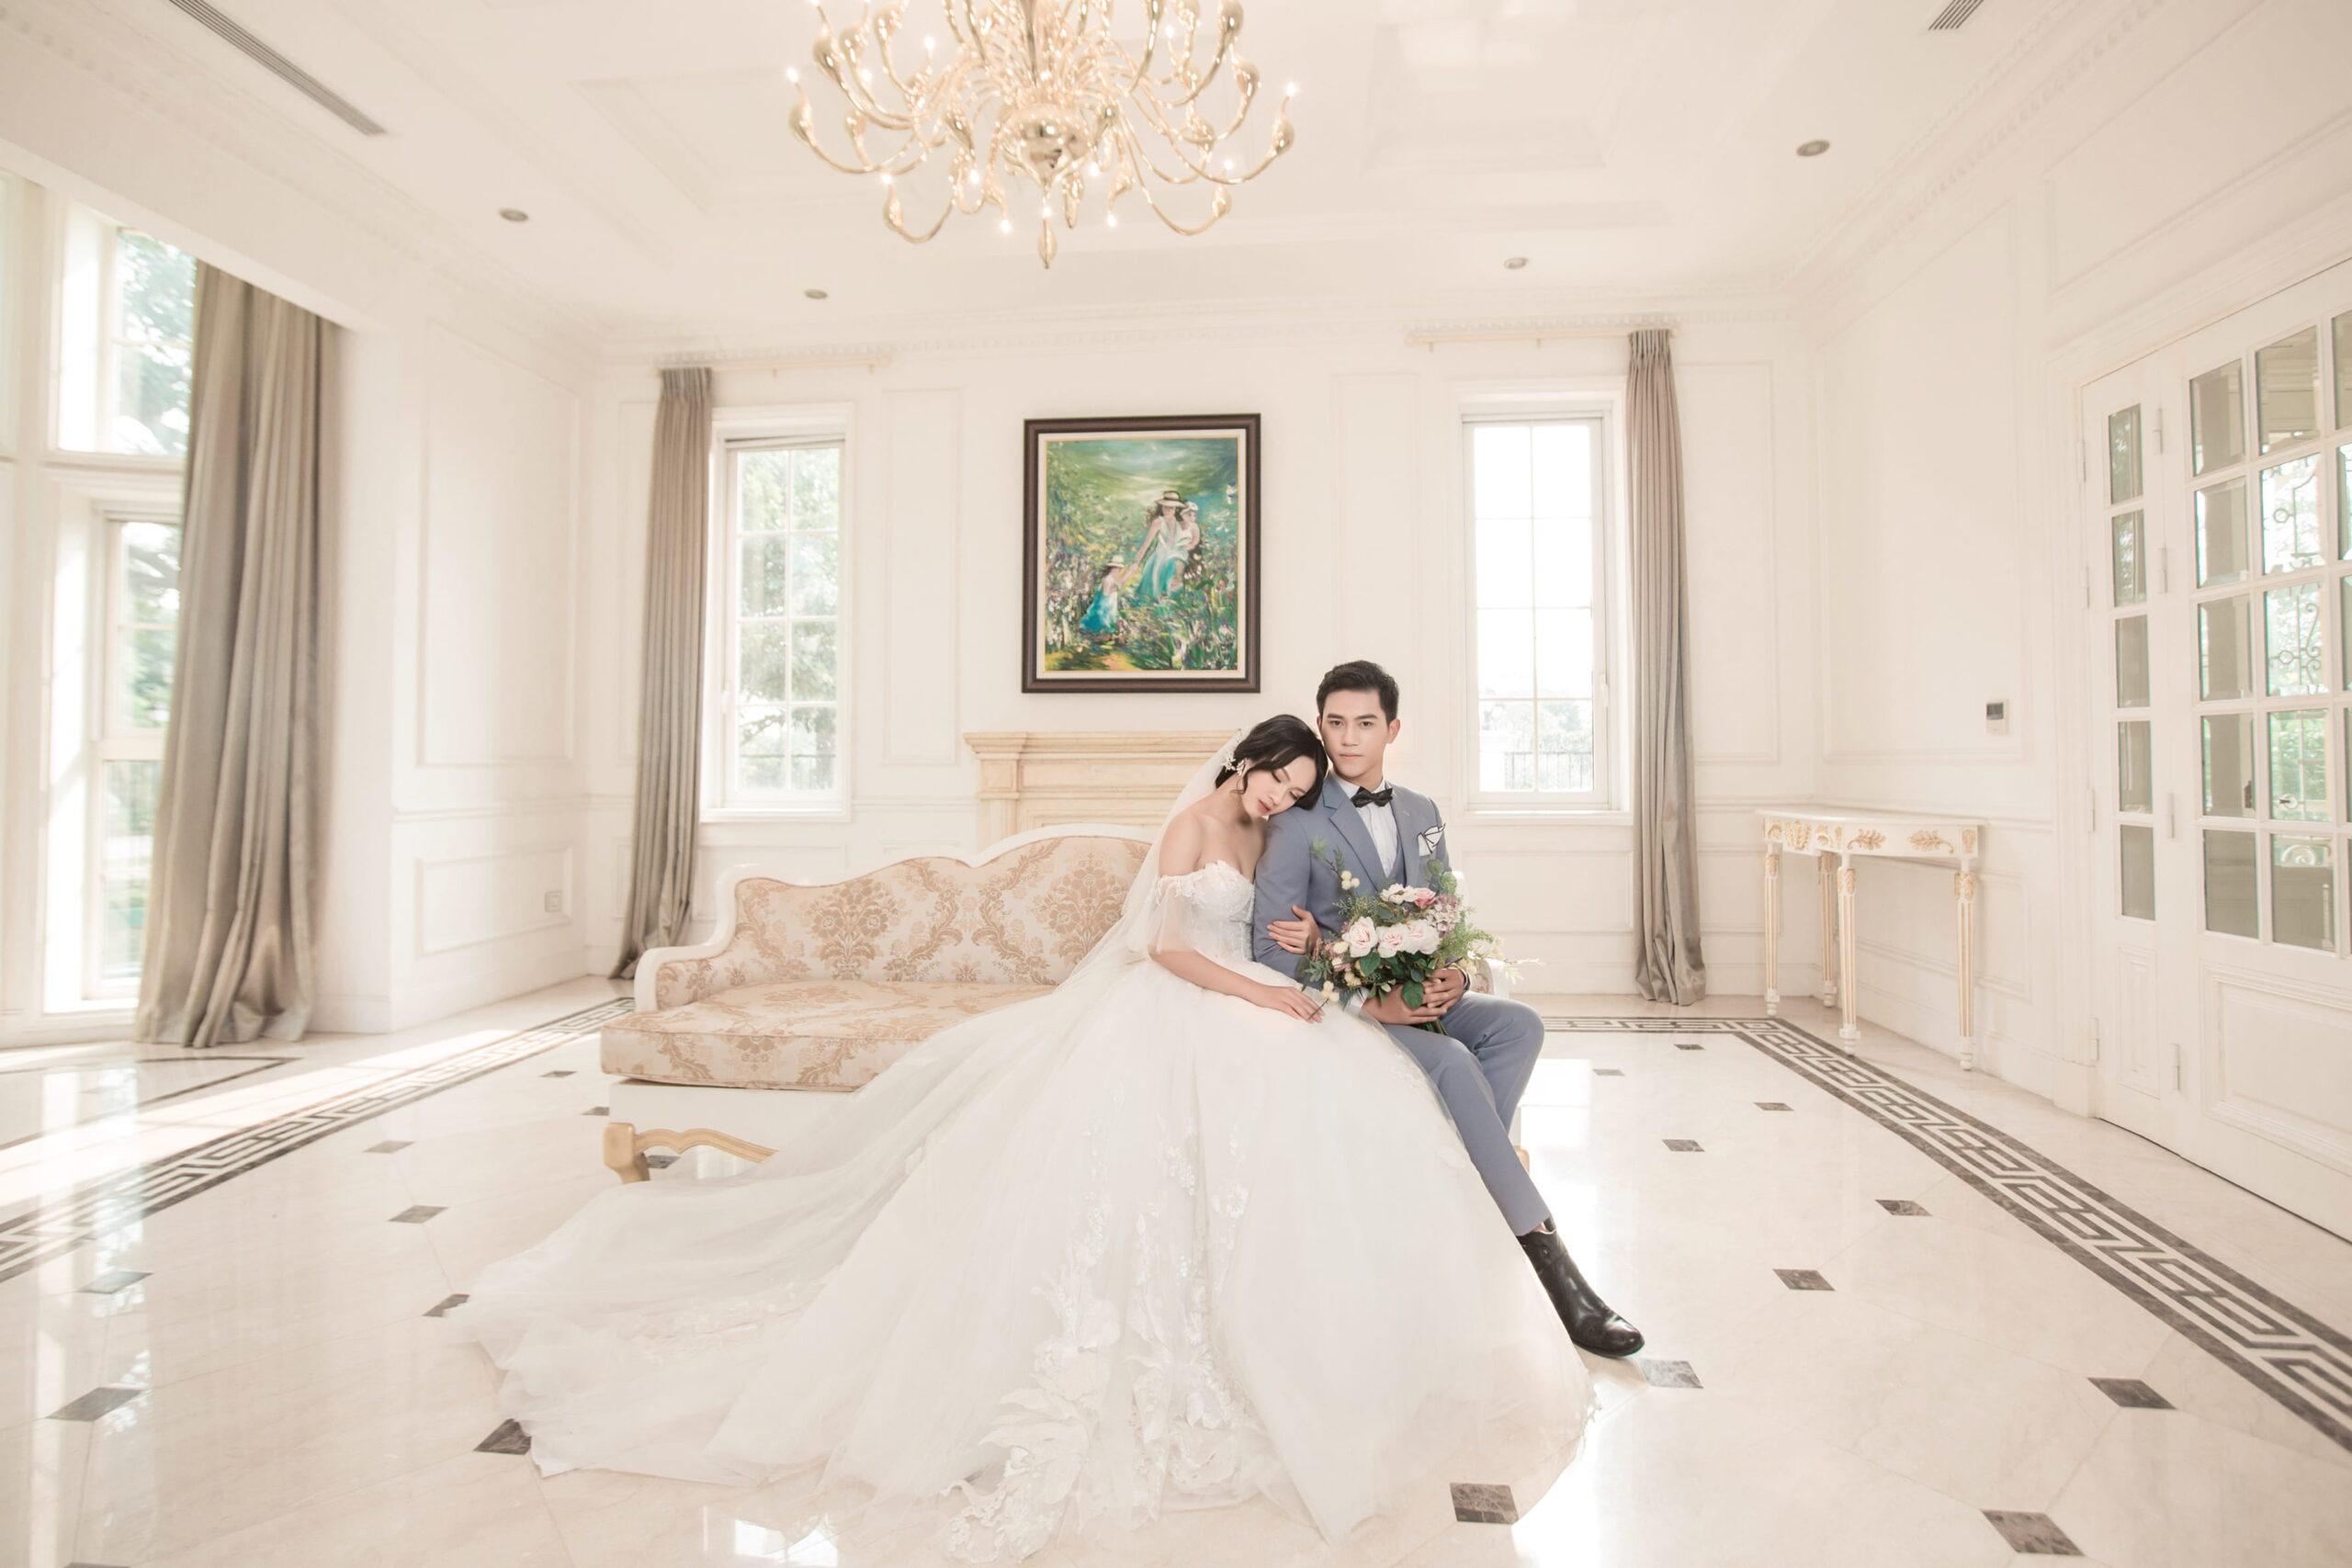 Chụp ảnh cưới tại Biệt thự Hoa Hồng